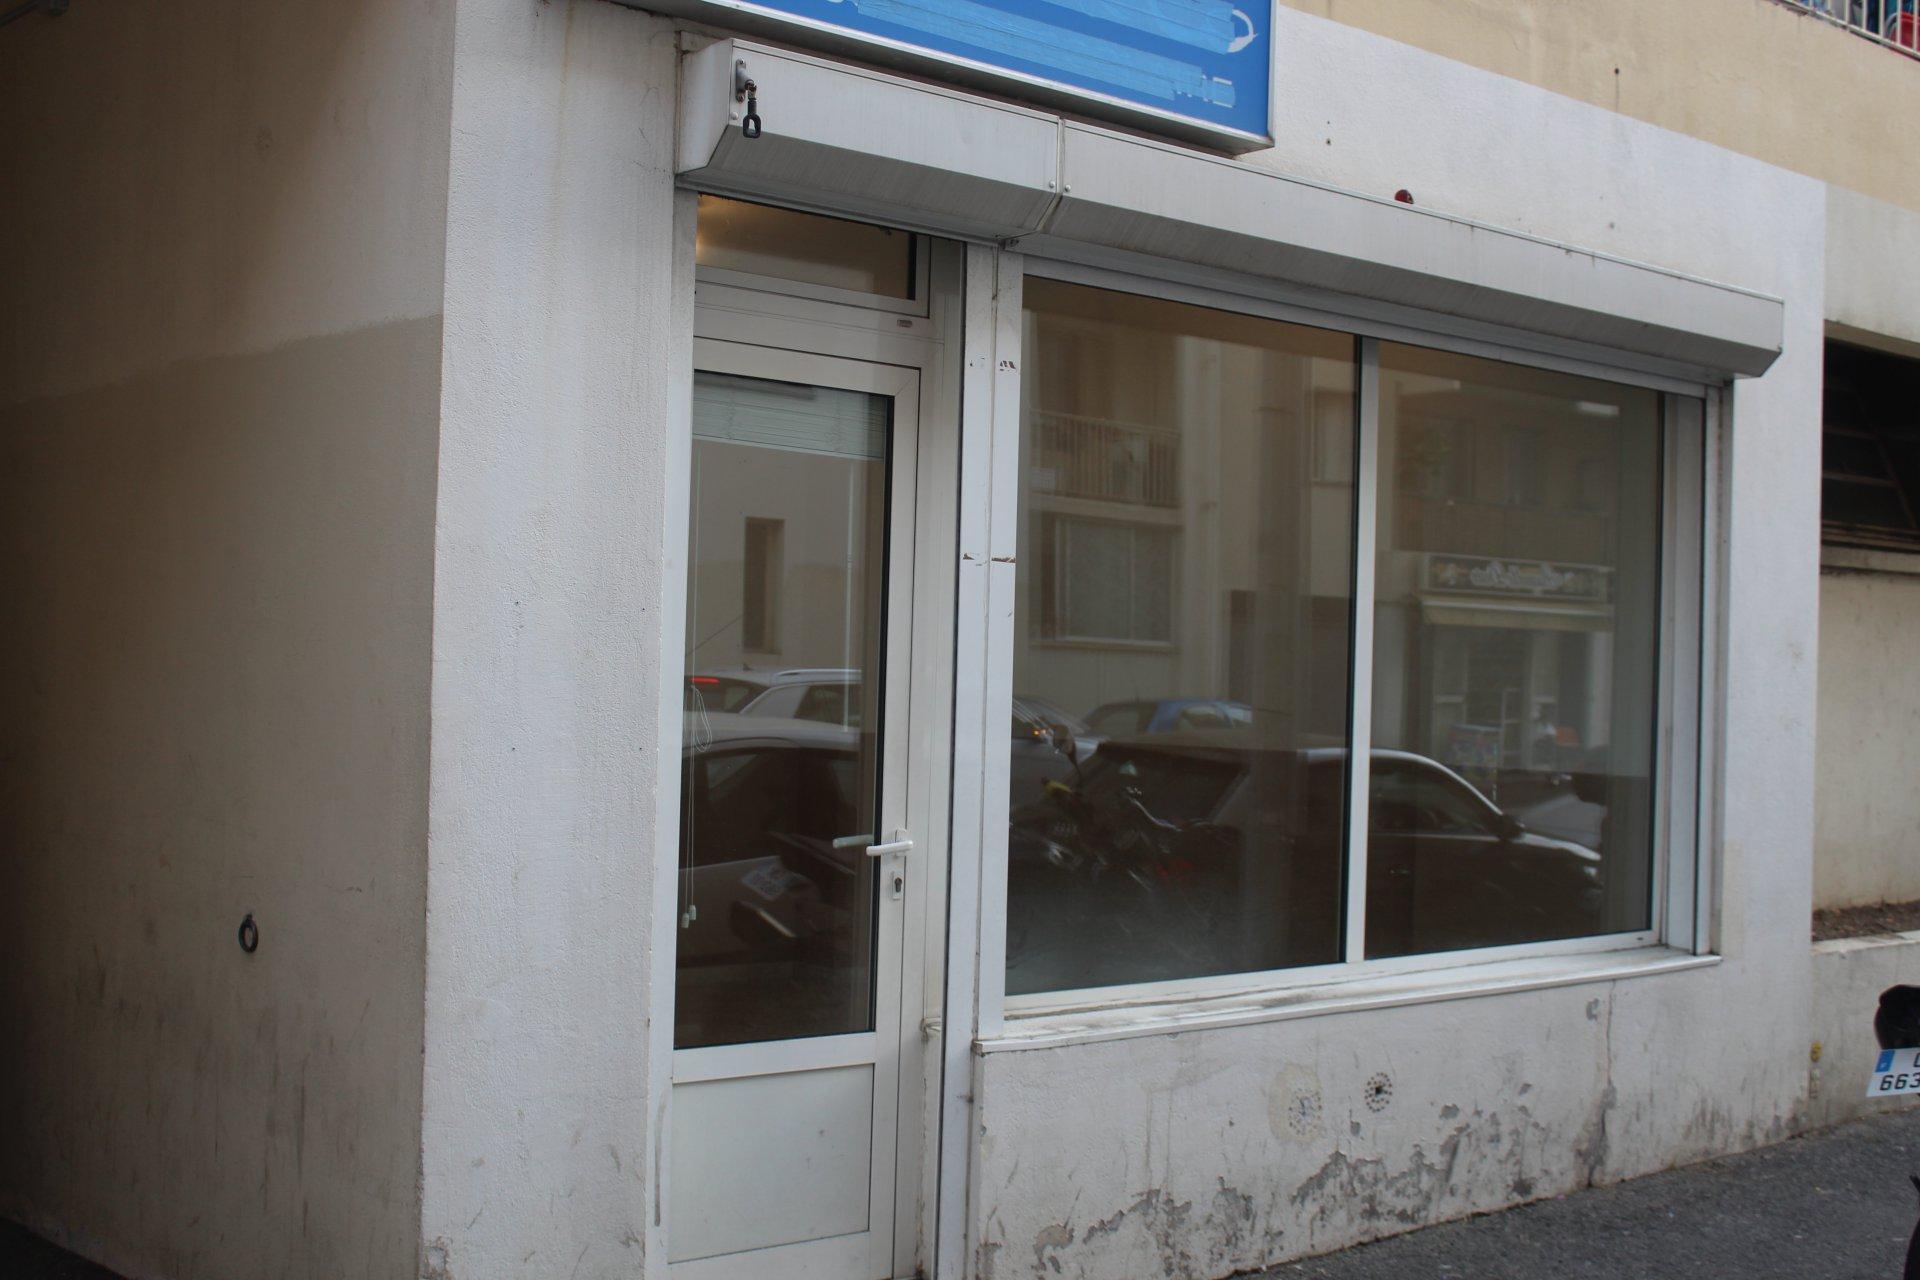 murs commerciaux Nice Ferber RENÉ CASSIN